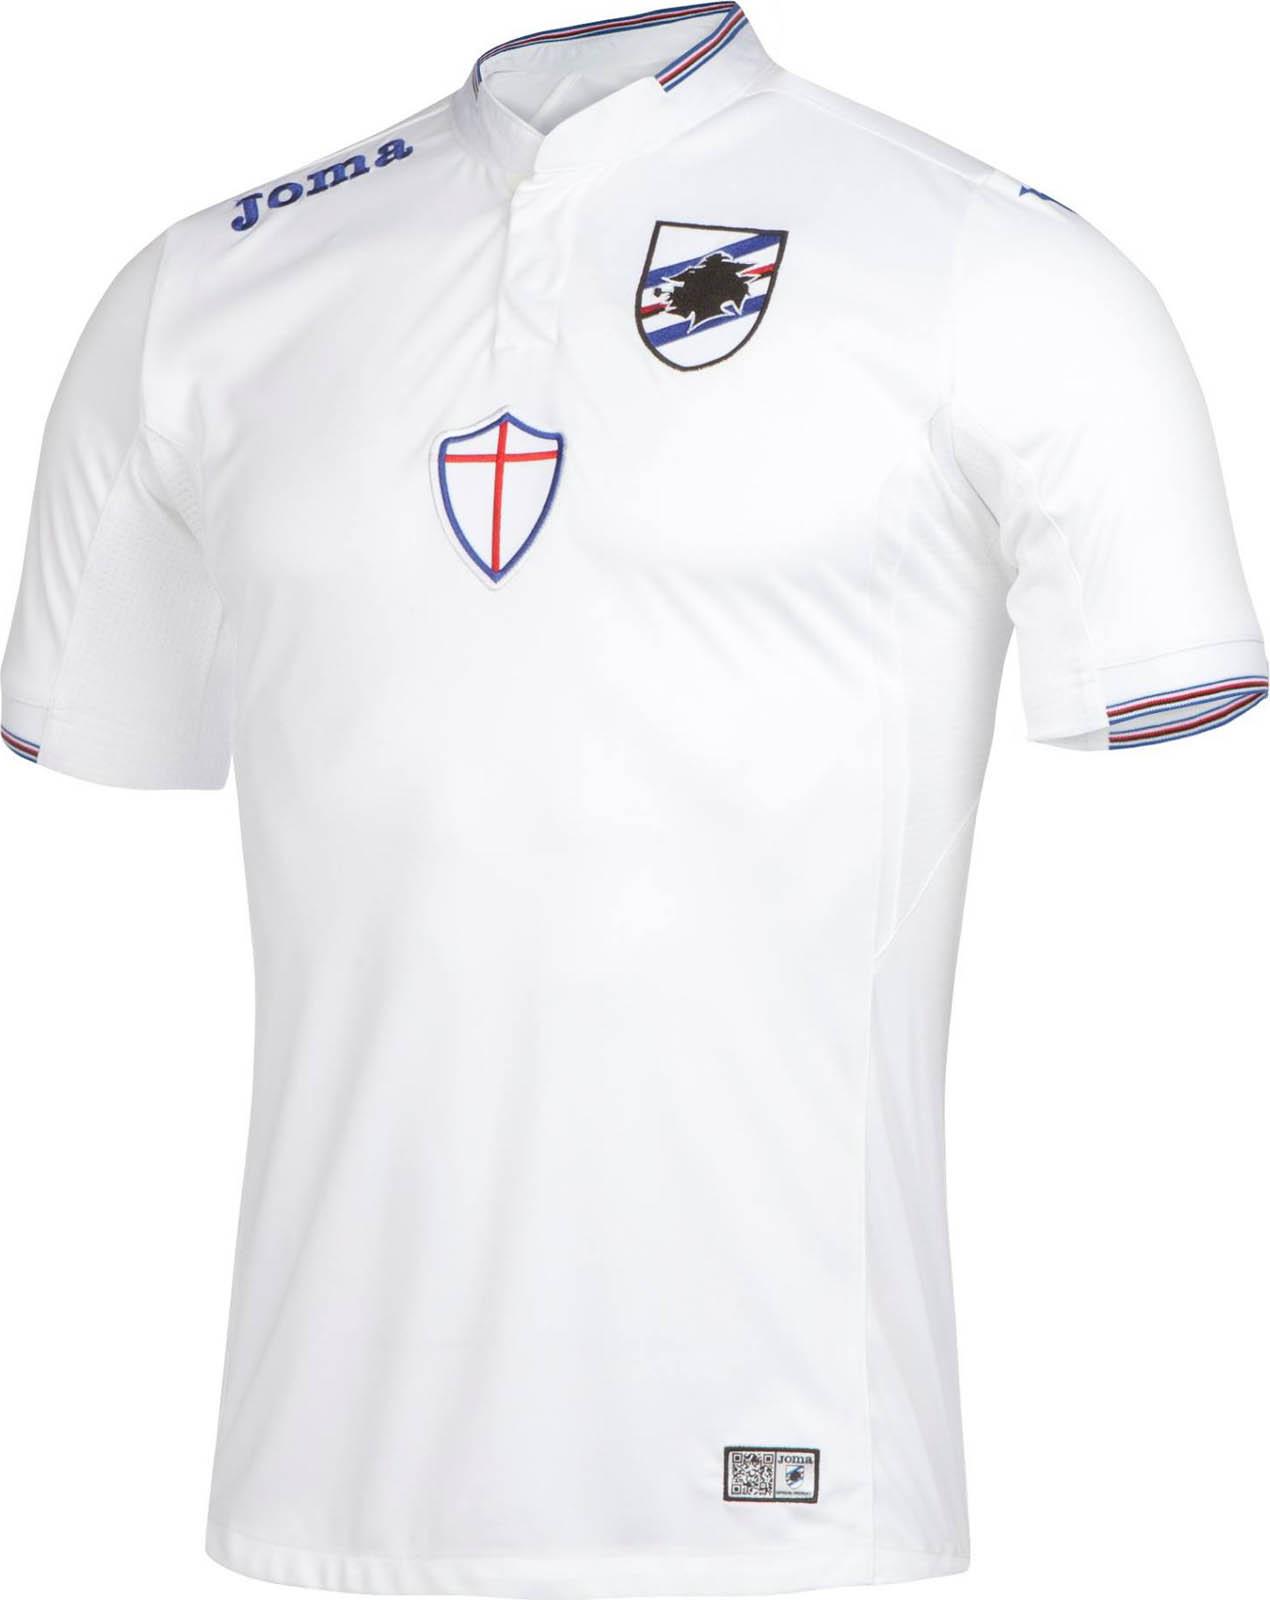 uc-sampdoria-15-16-away-kit (1)